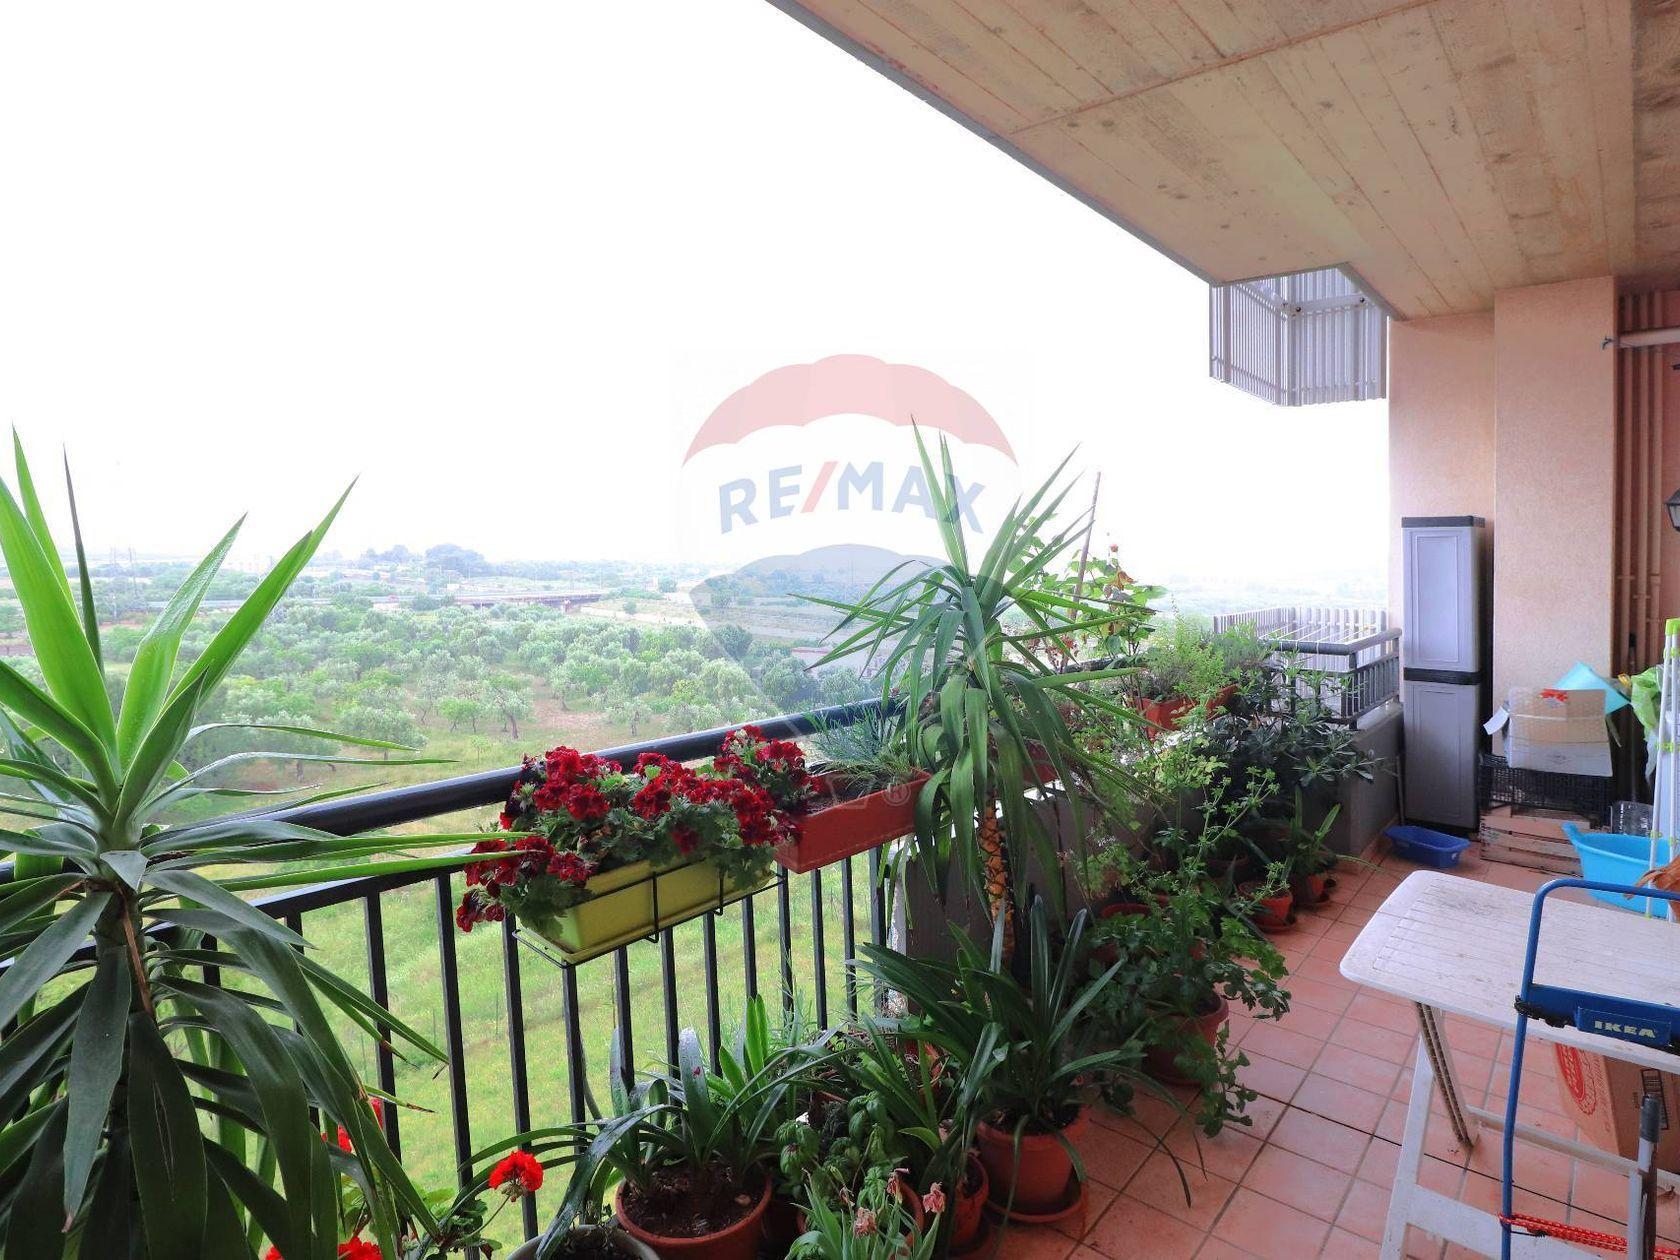 Appartamento Carbonara - Ceglie, Bari, BA Vendita - Foto 6